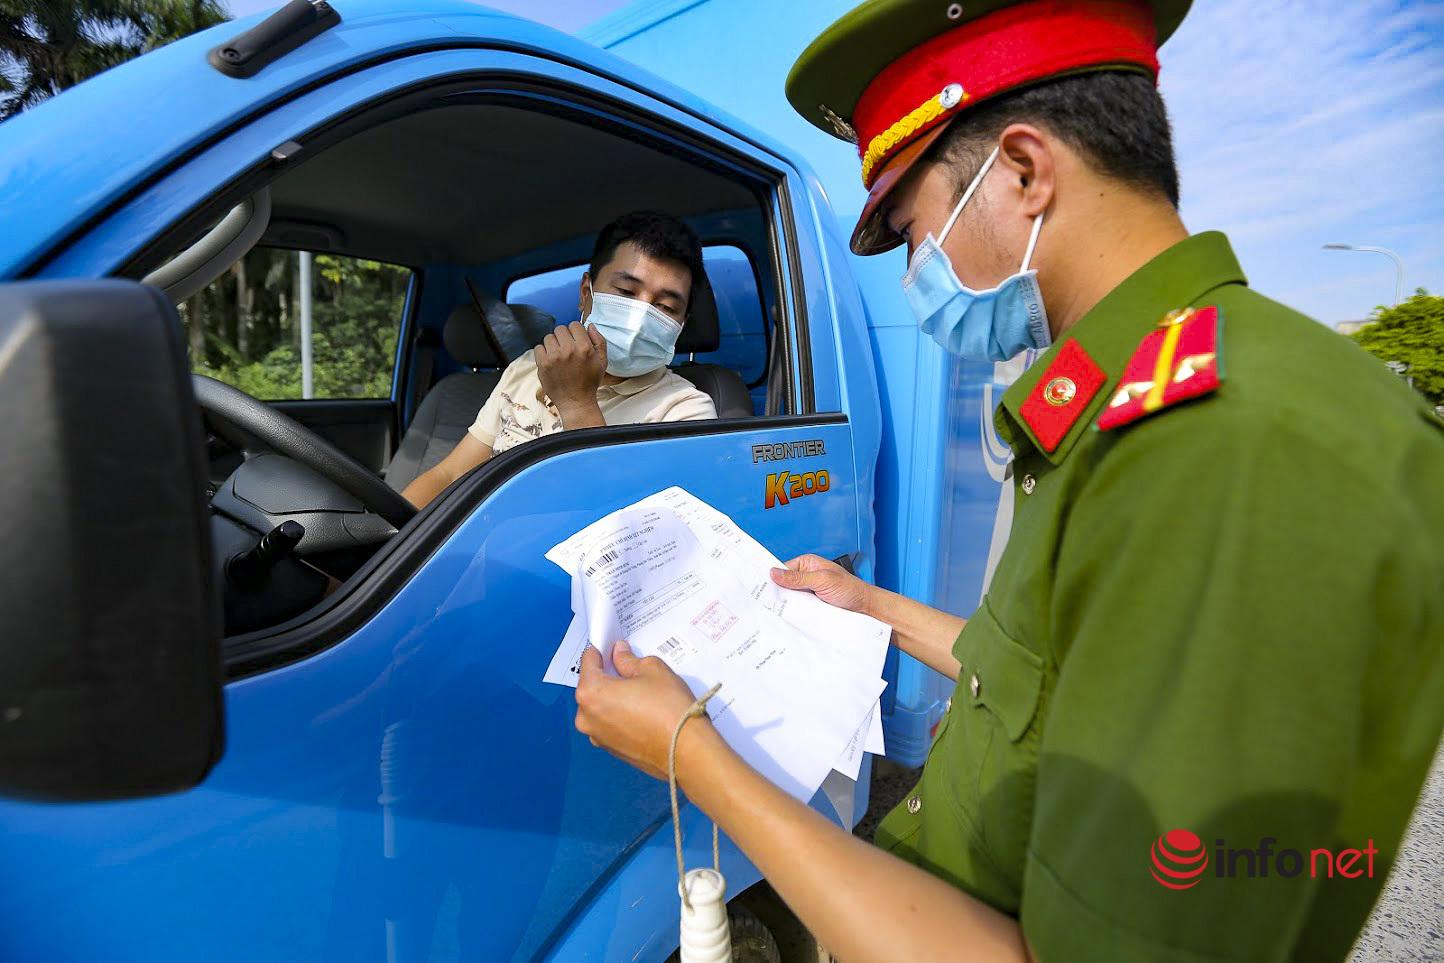 Hà Nội,Phiếu ra đường,Thẻ đi chợ,Chỉ thị 16,Giãn cách